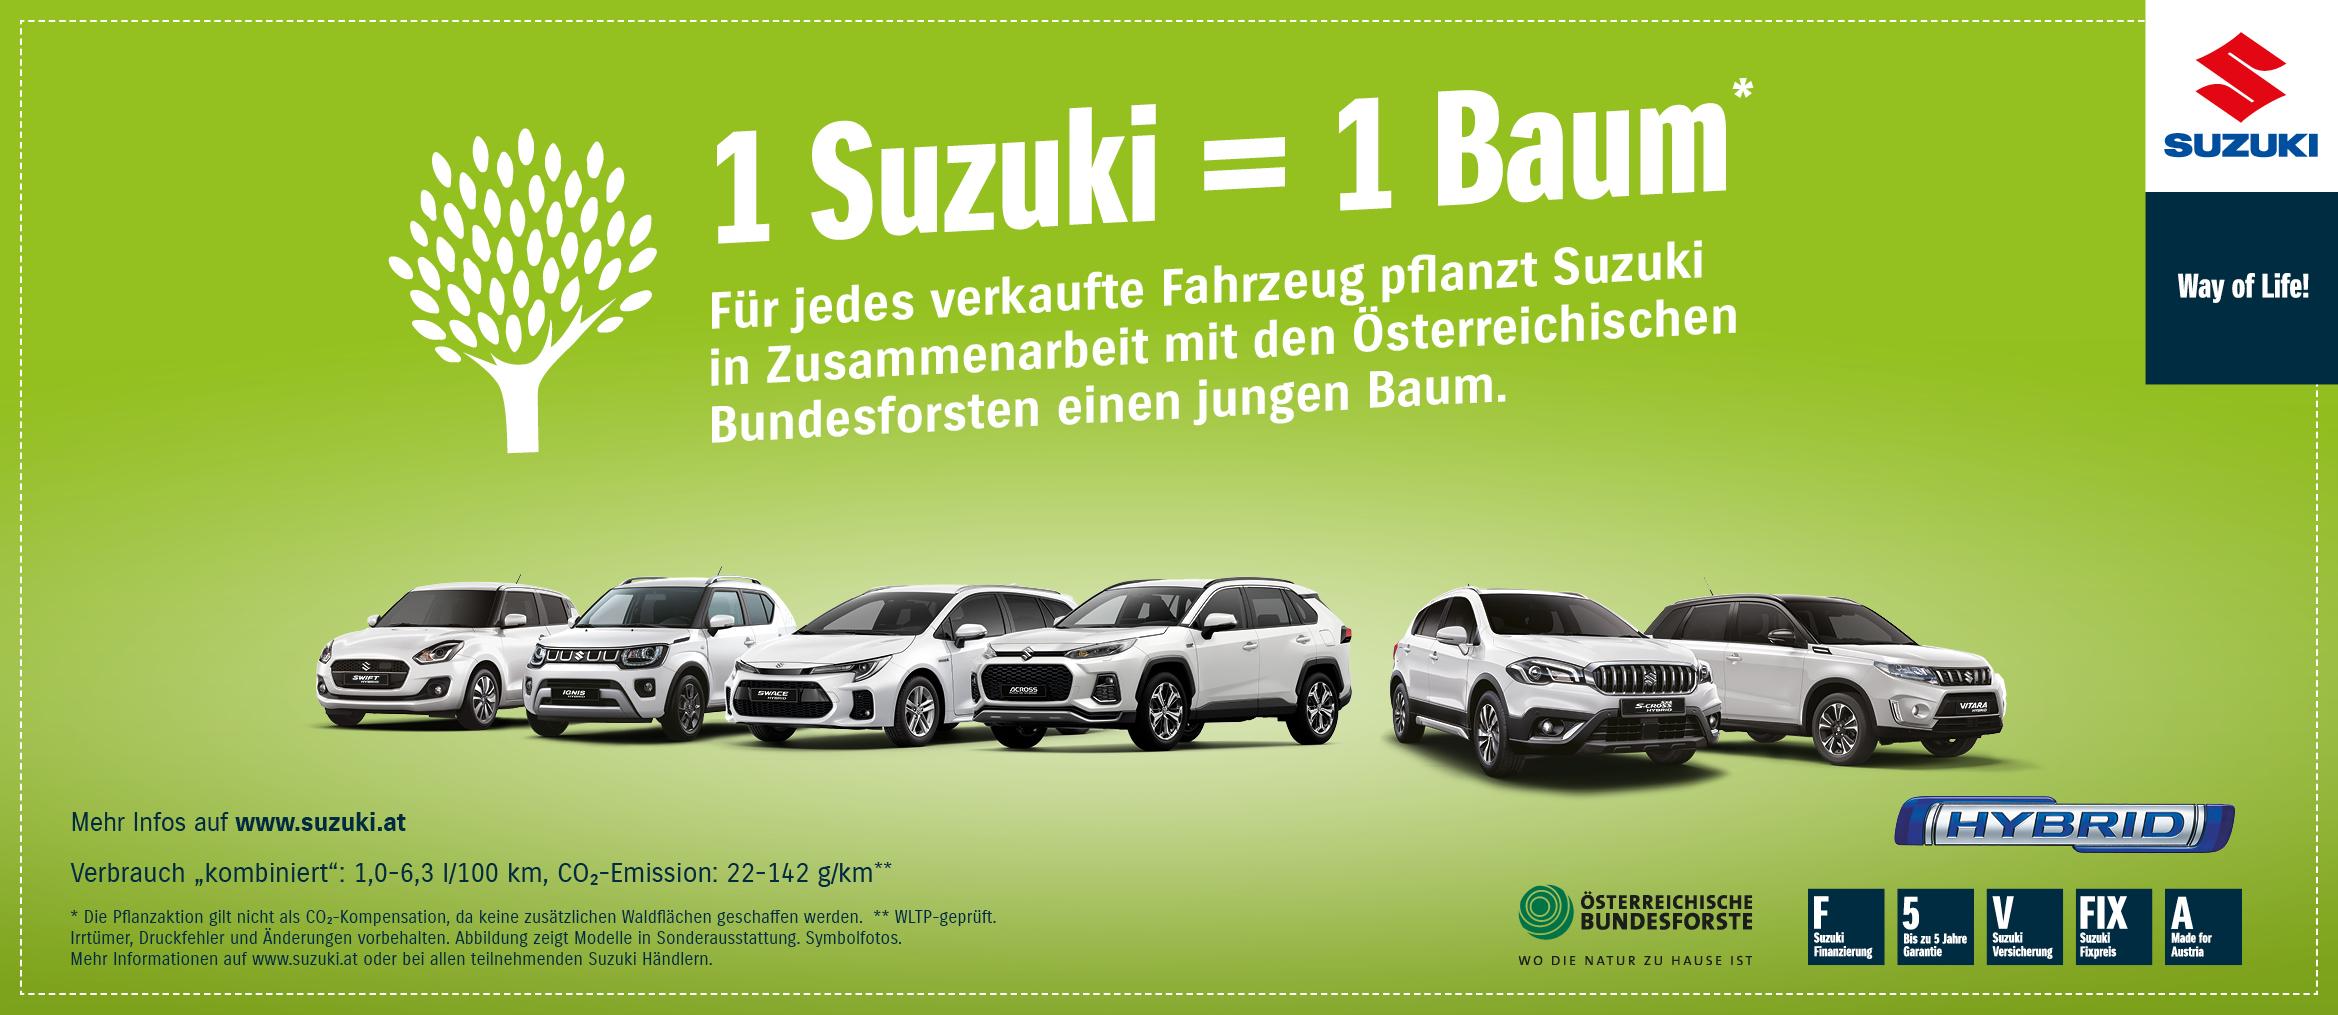 1 Suzuki = 1 Baum